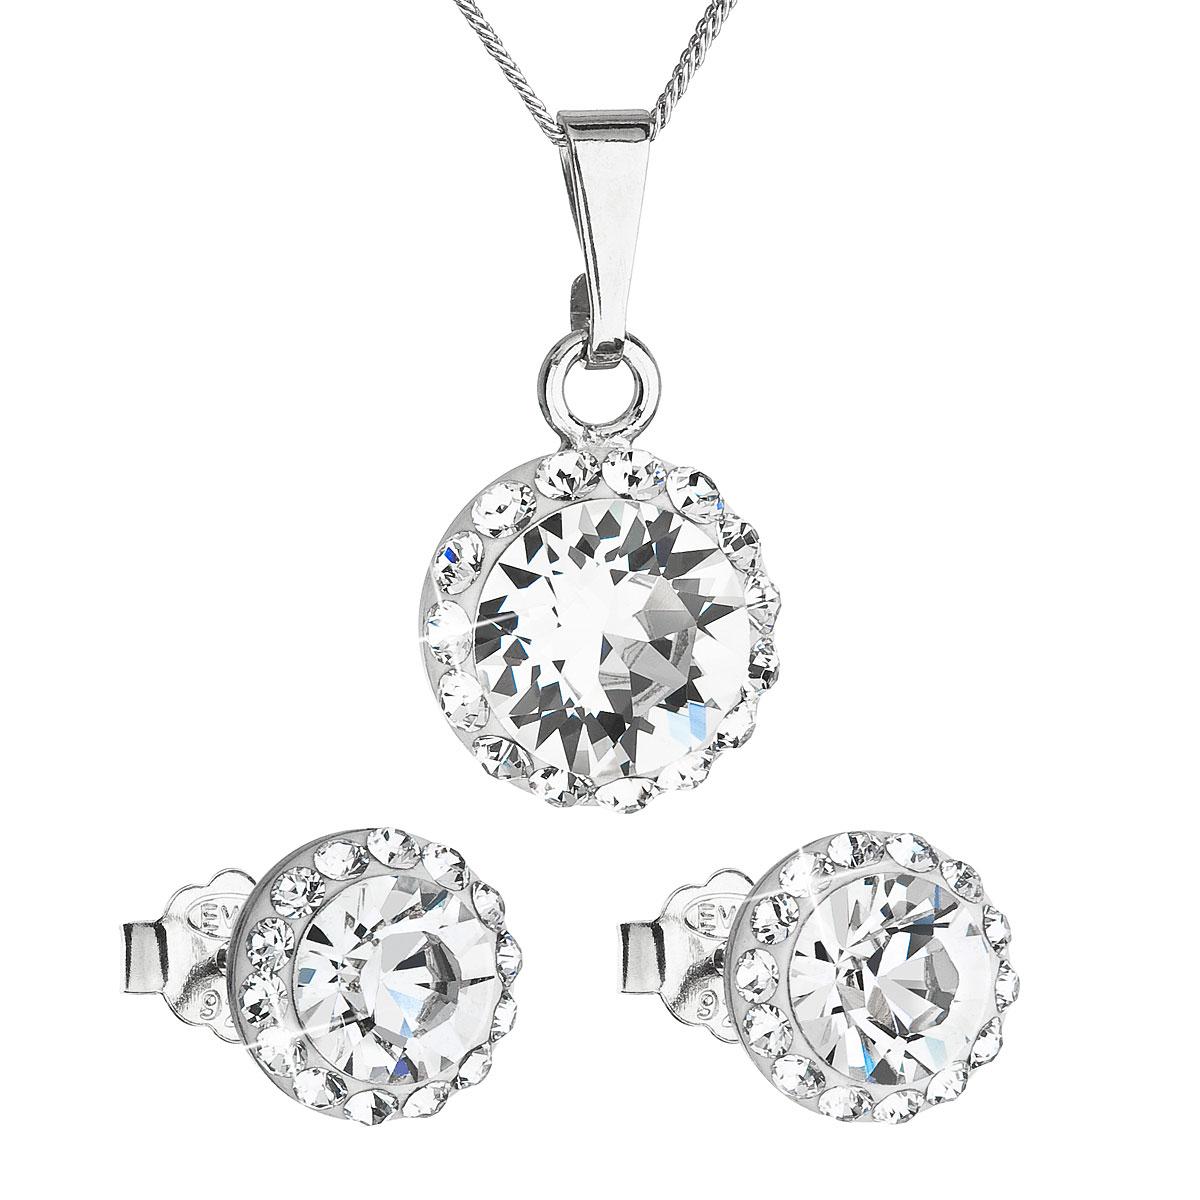 Sada šperkov s krištáľmi Swarovski náušnice, retiazka a prívesok biele okrúhle 39152.1